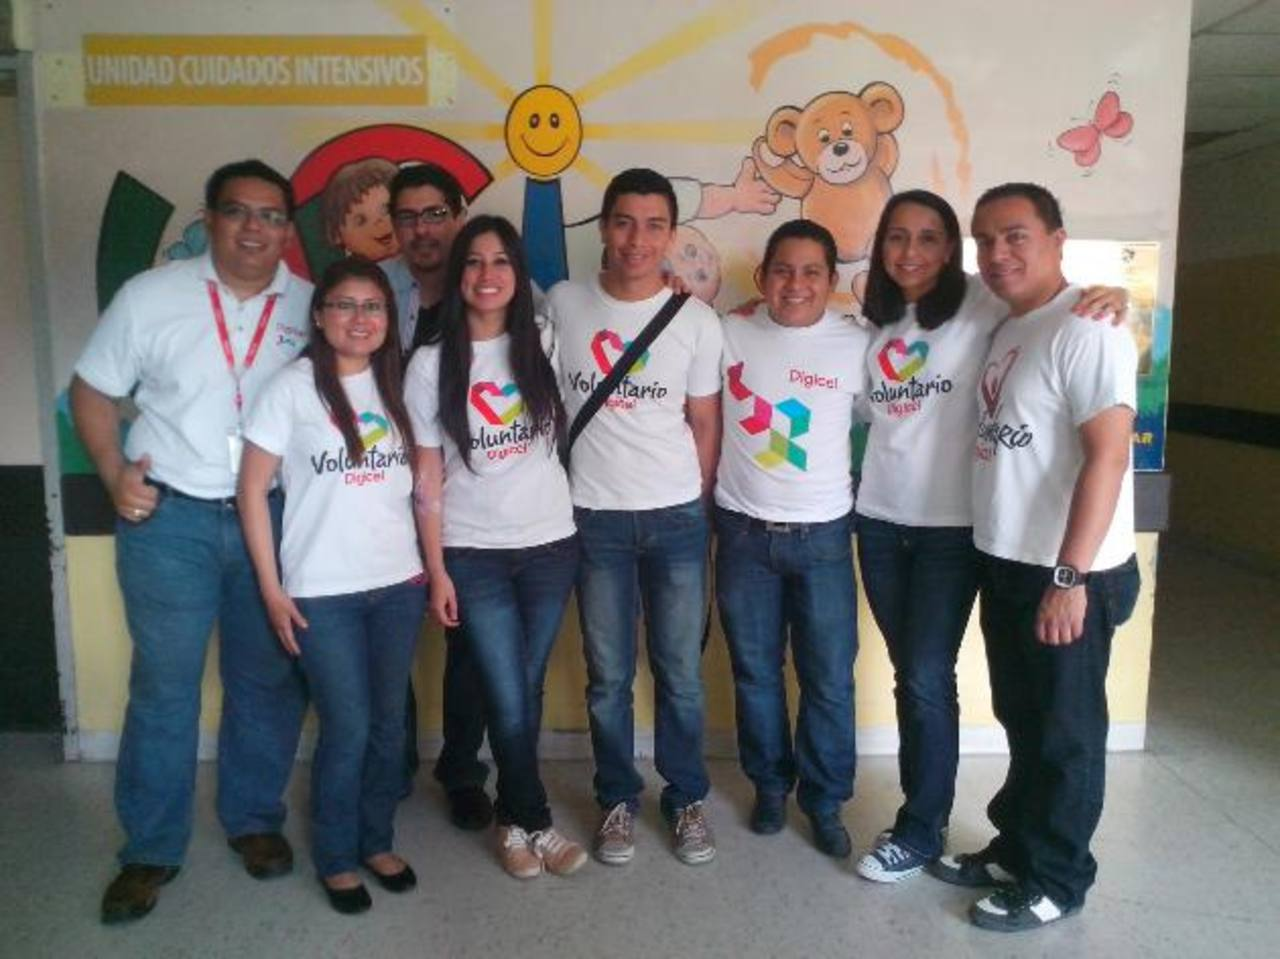 El equipo de voluntarios Digicel contribuyó para hacer una actividad memorable.